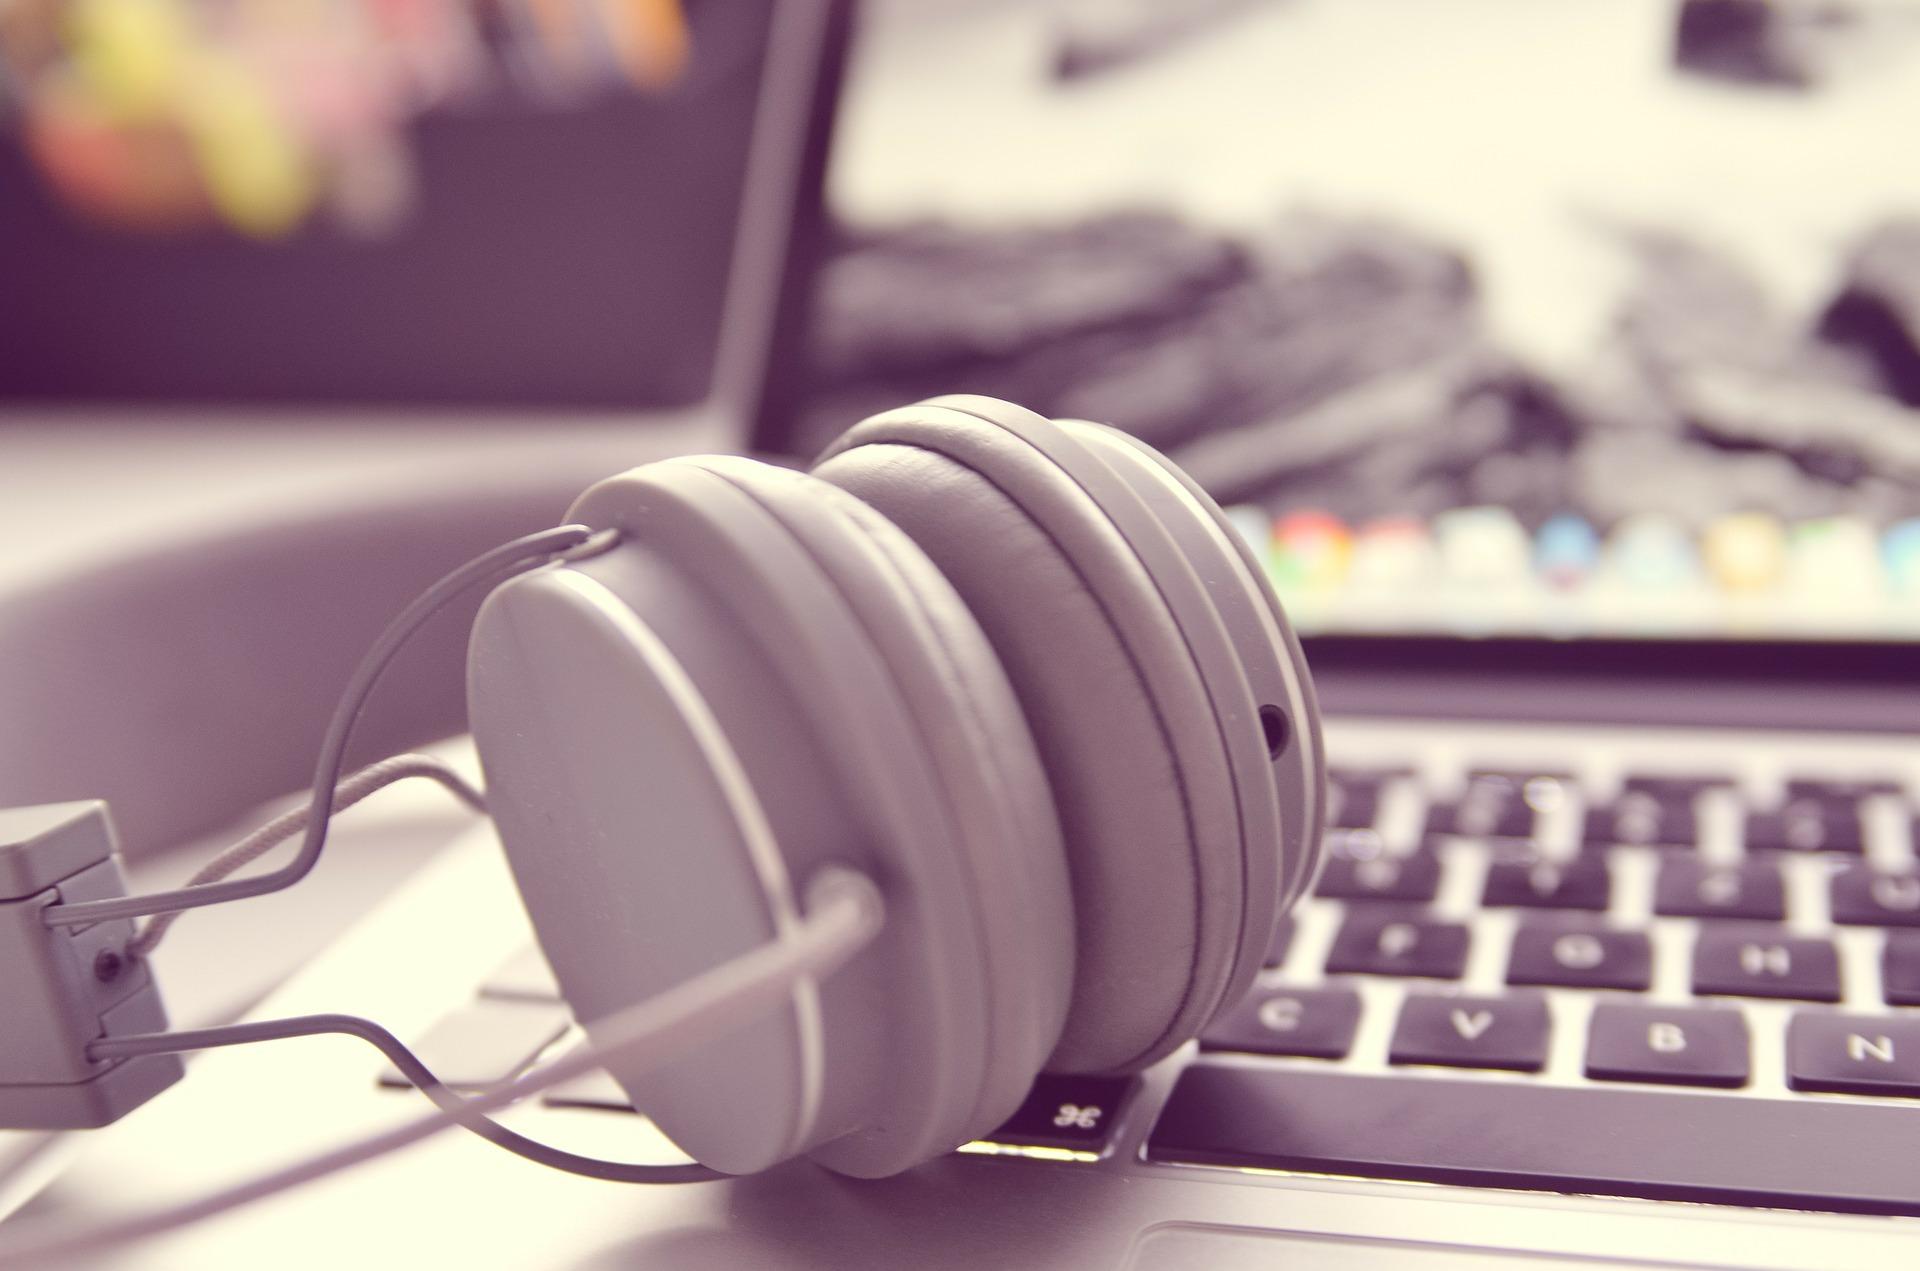 Welt raus - Musik rein! Arbeiten mit viel Ruhe im Zug